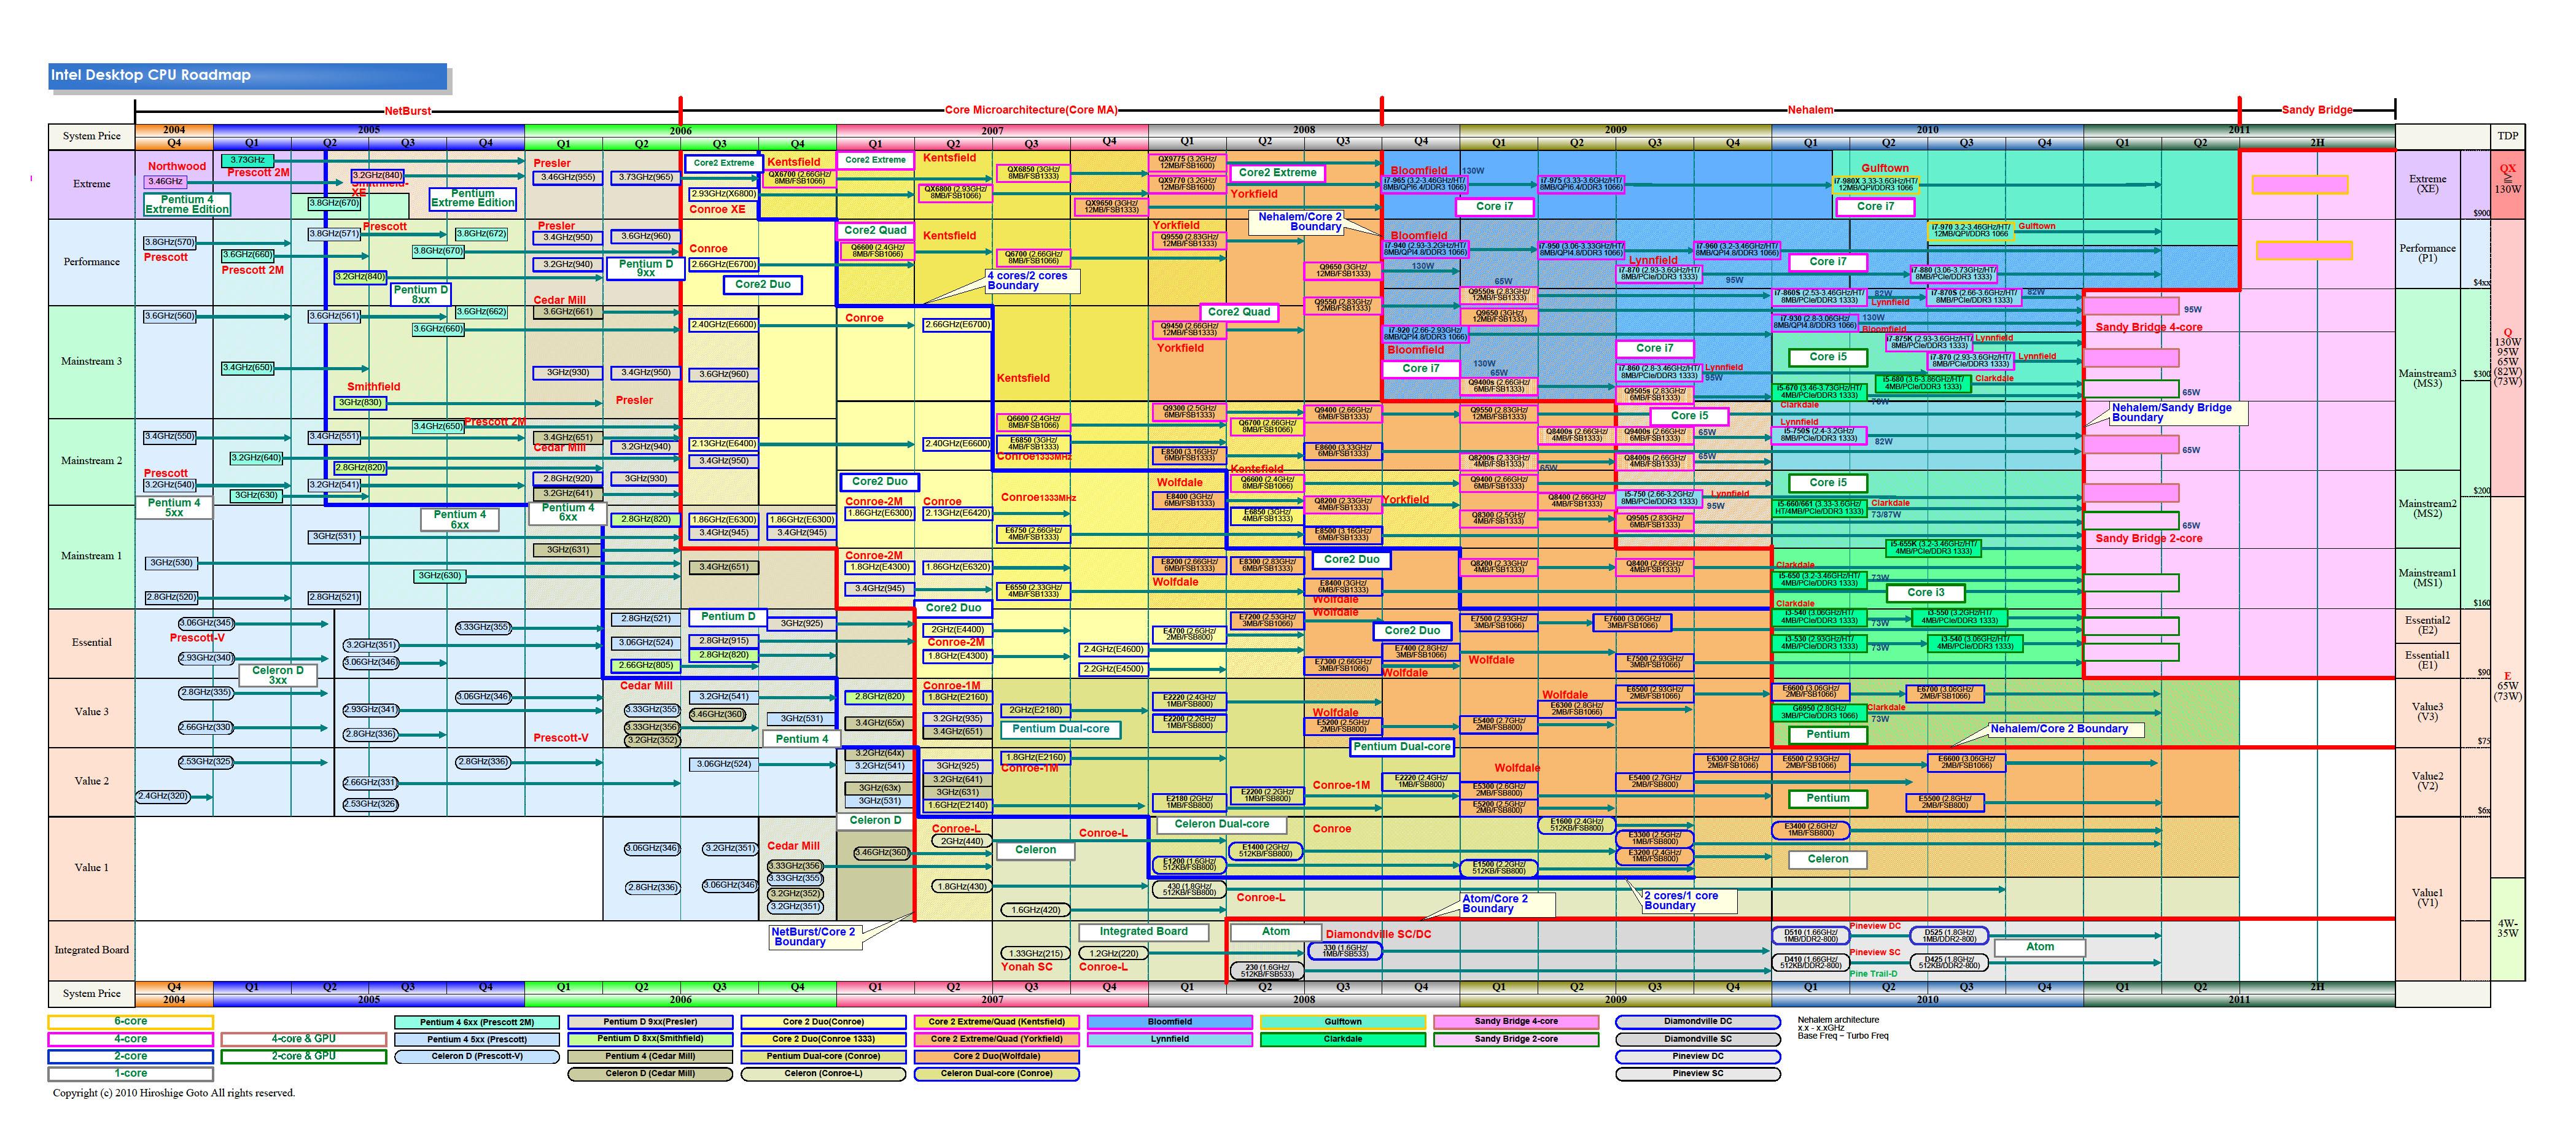 """IntelのデスクトップCPUのロードマップ(PDF版は<a href=""""/video/pcw/docs/360/112/2.pdf"""">こちら</a>)"""